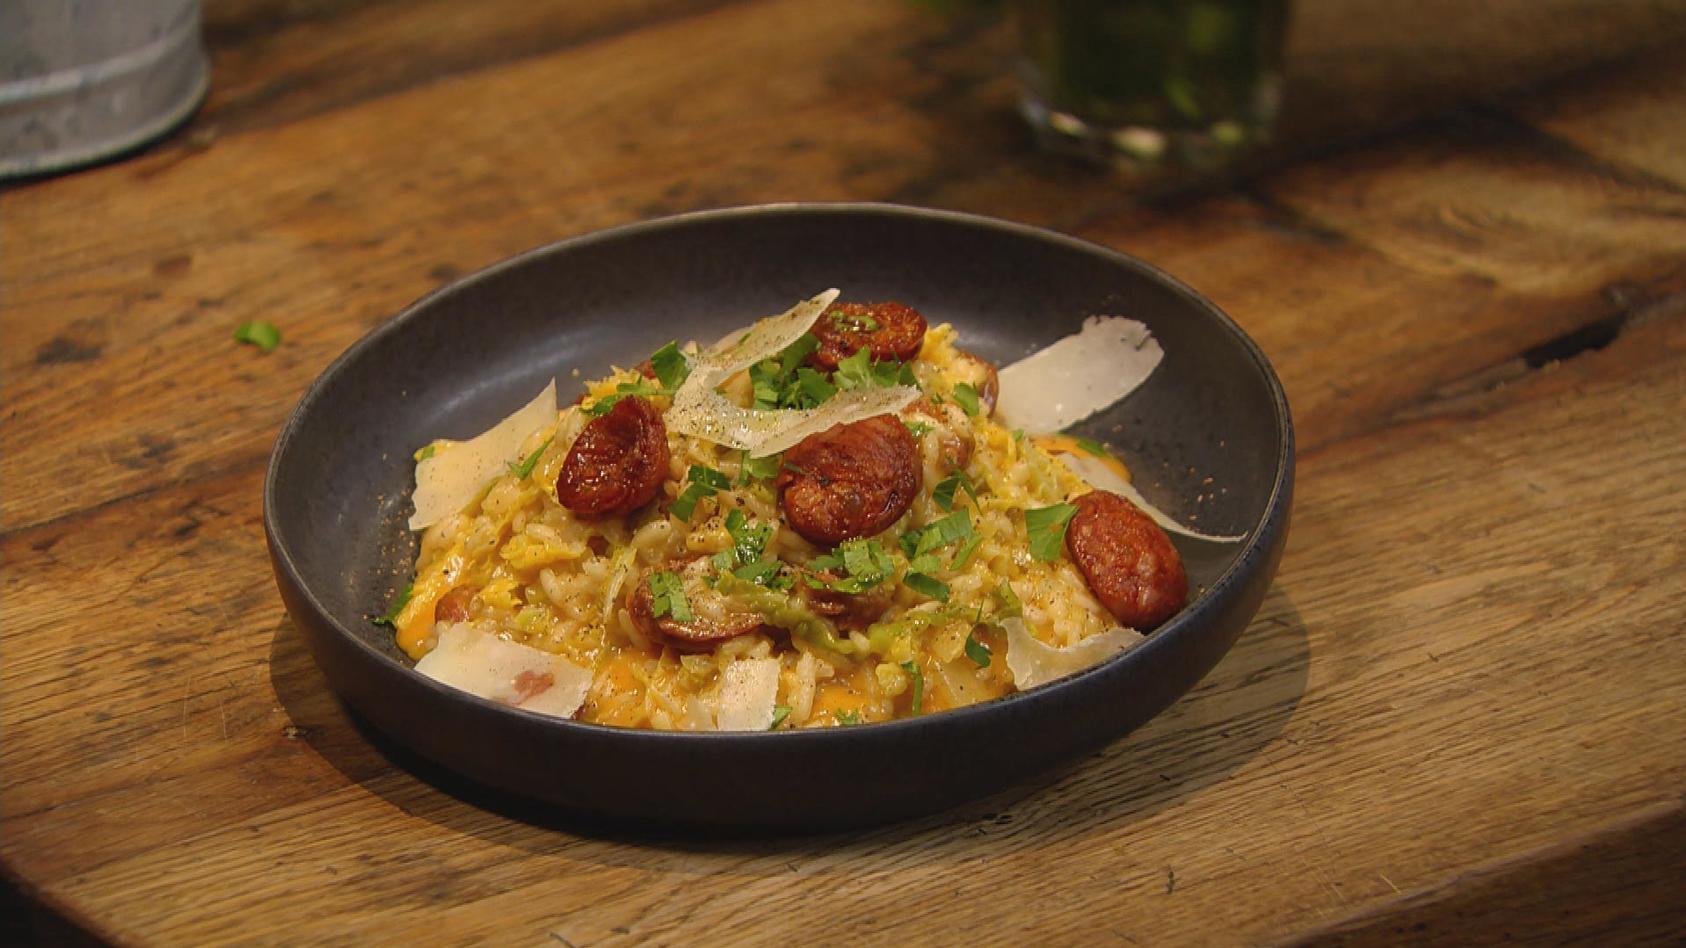 Kreative Küche – Clever kombiniert: Wirsing-Risotto mit Chorizo